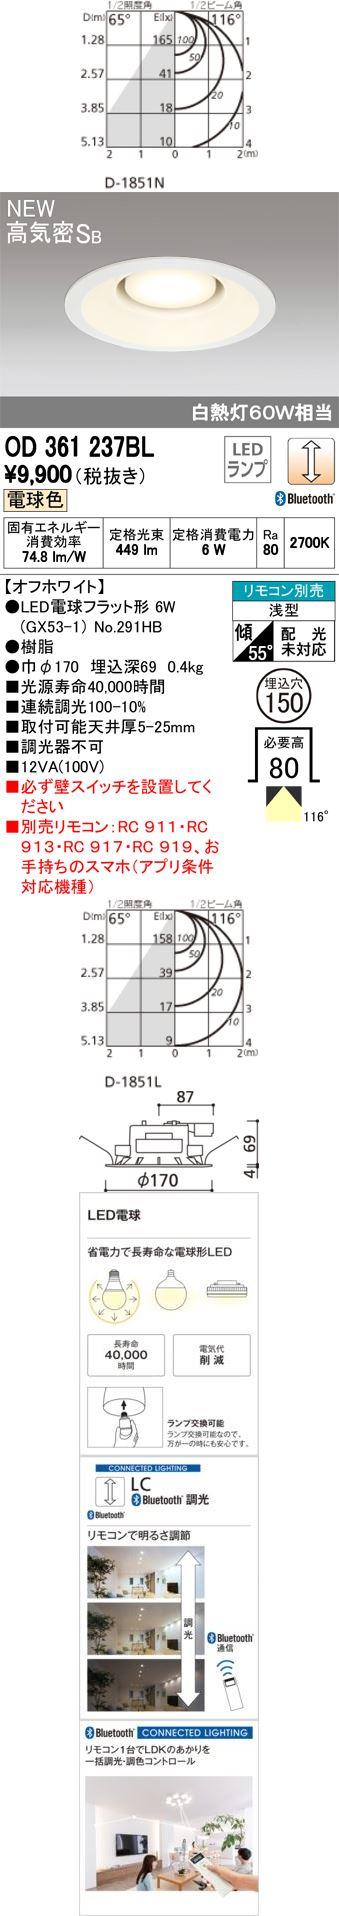 オーデリック 連続調光ダウンライト 150φ 白熱灯60W相当 OD361237BN S他